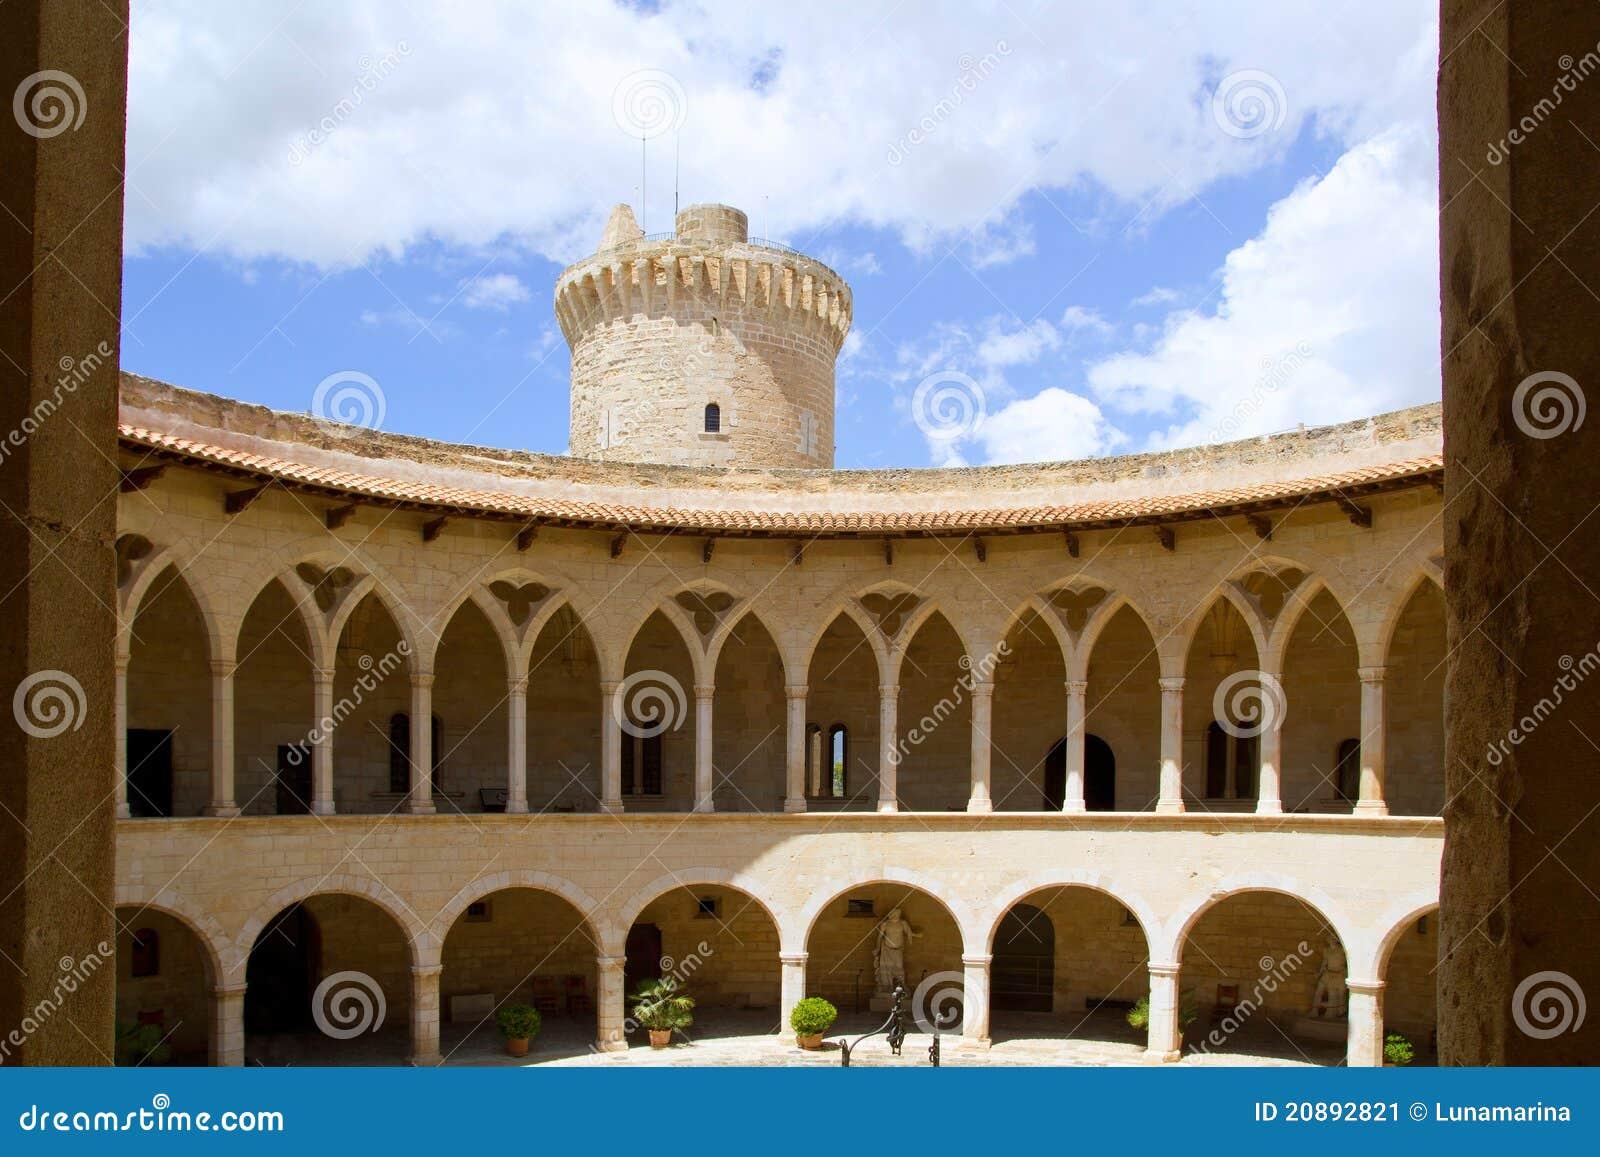 Castle de Bellver in Majorca at Palma of Mallorca